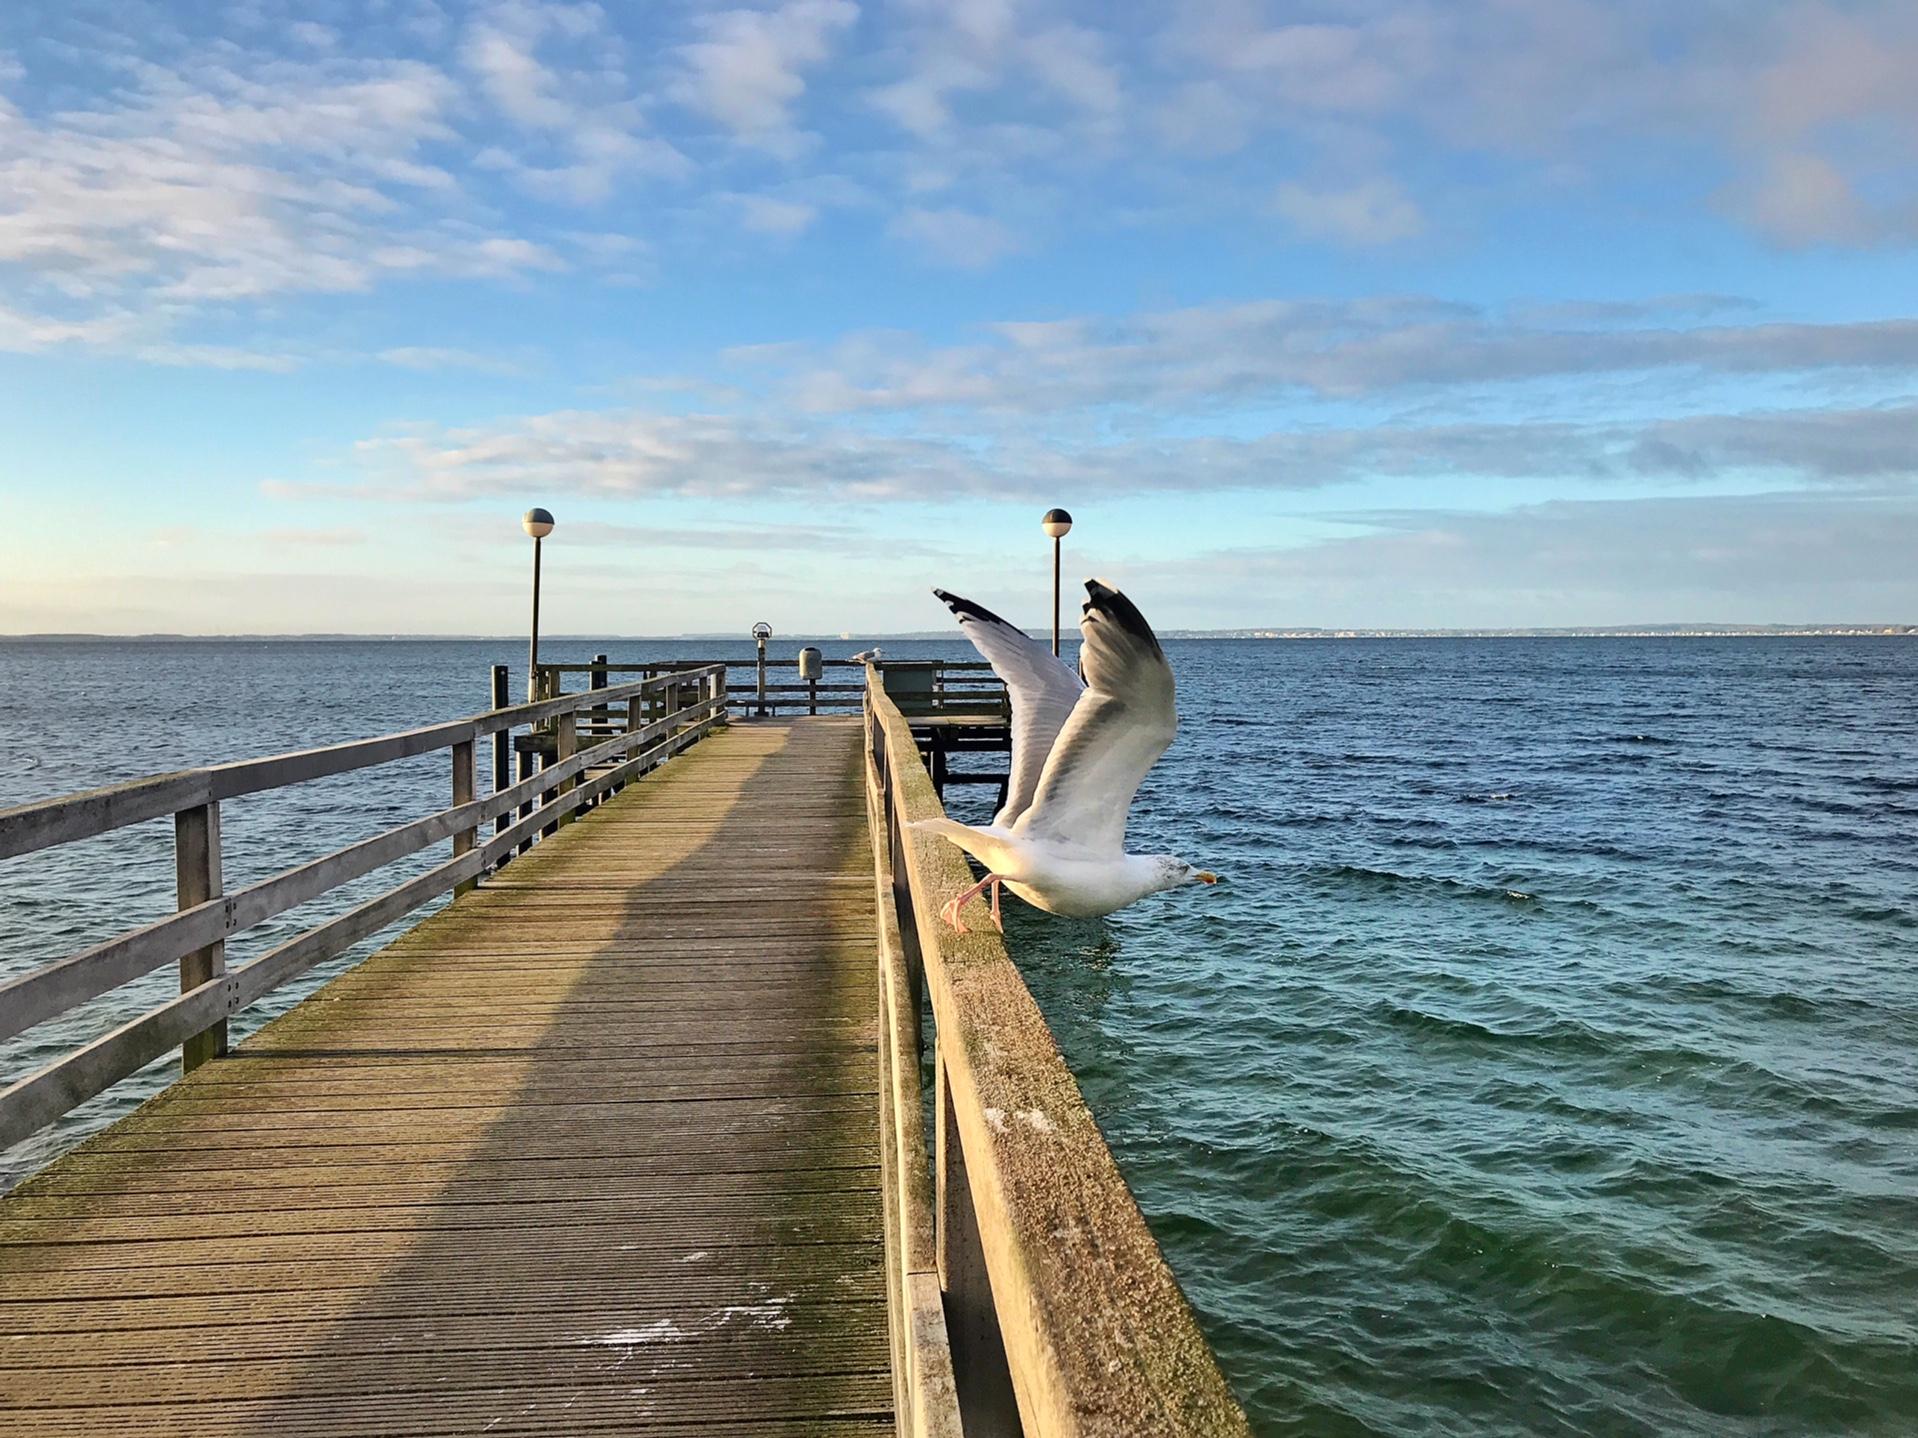 Lübecker Bucht, Meer, Möwe, Pier, Urlaub im Familienhotel